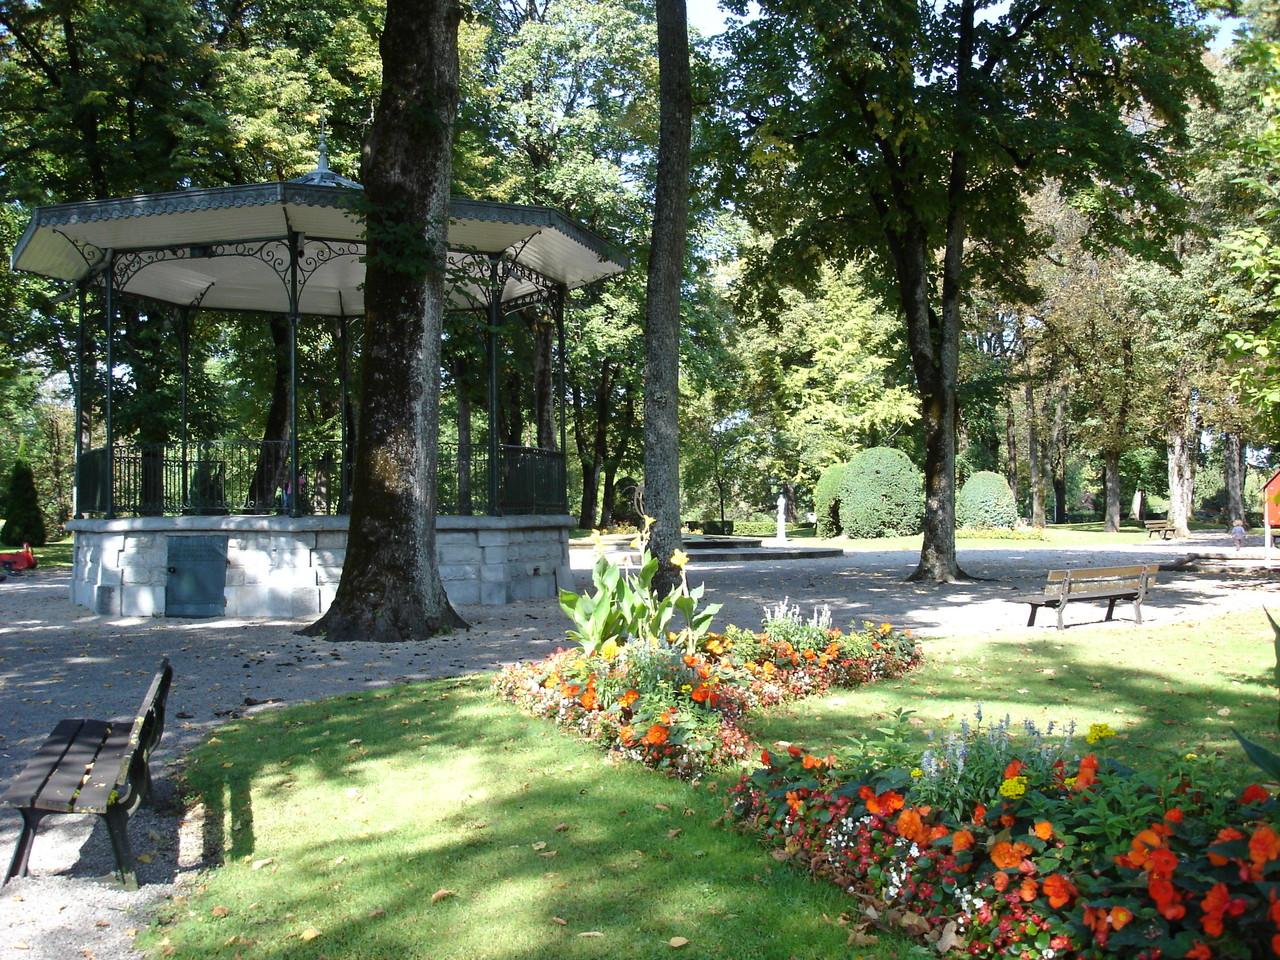 Champagnole - Bellefrise park